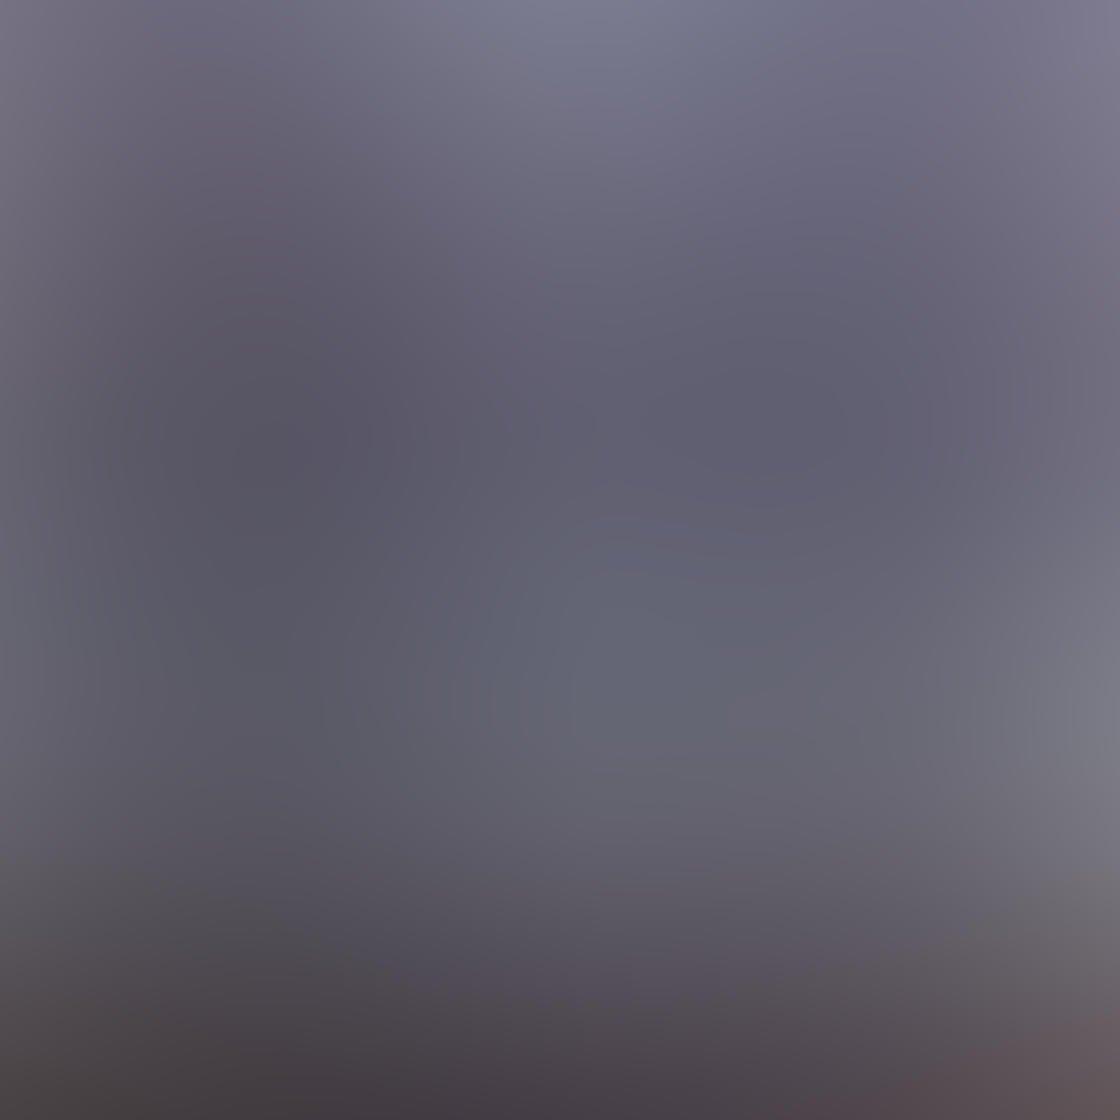 Fog & Mist iPhone Photos 40